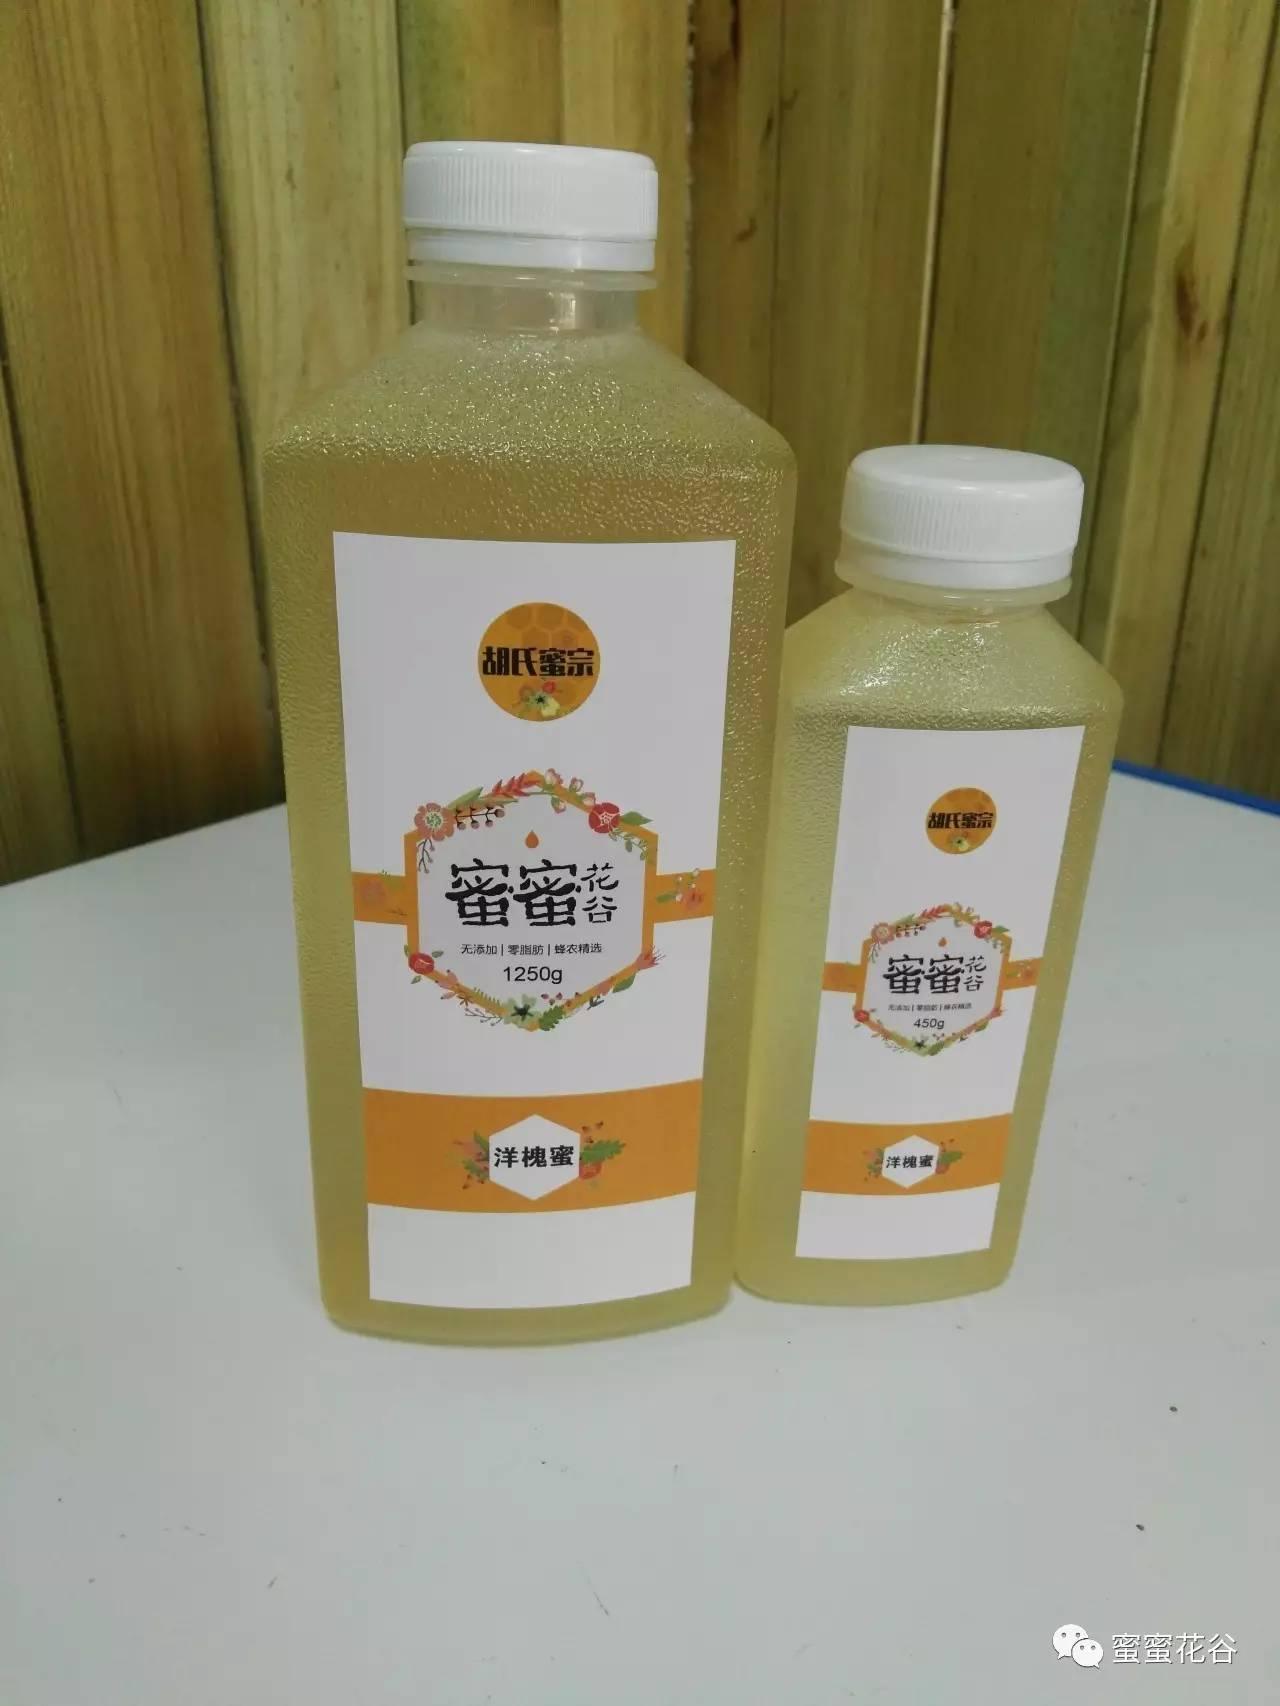 米醋蜂蜜减肥 真蜂蜜多少钱 小麦胚芽加蜂蜜 晨跑前喝蜂蜜水 柠檬泡蜂蜜还是冰糖好